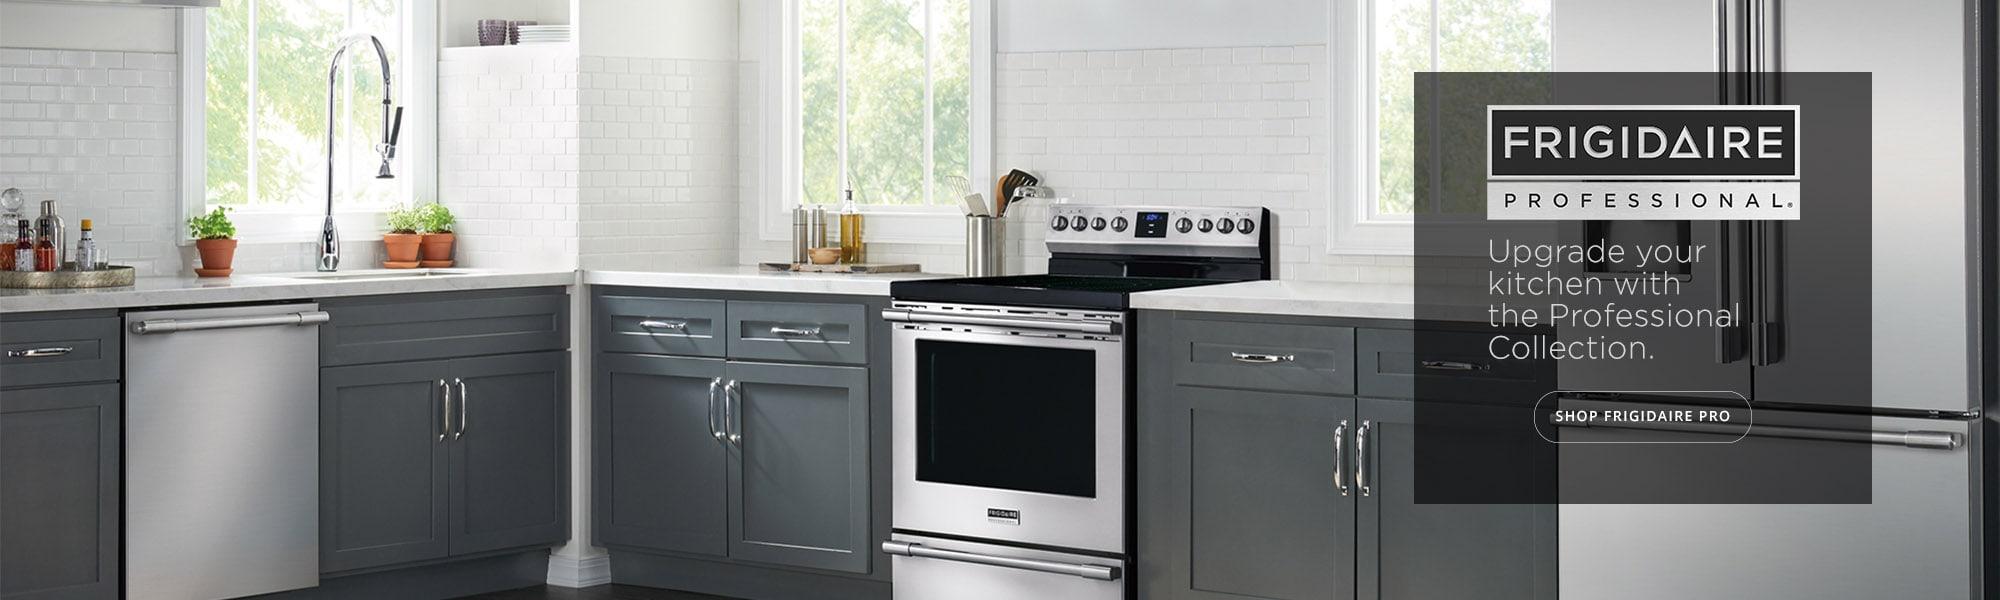 Fridgidaire Professional appliances